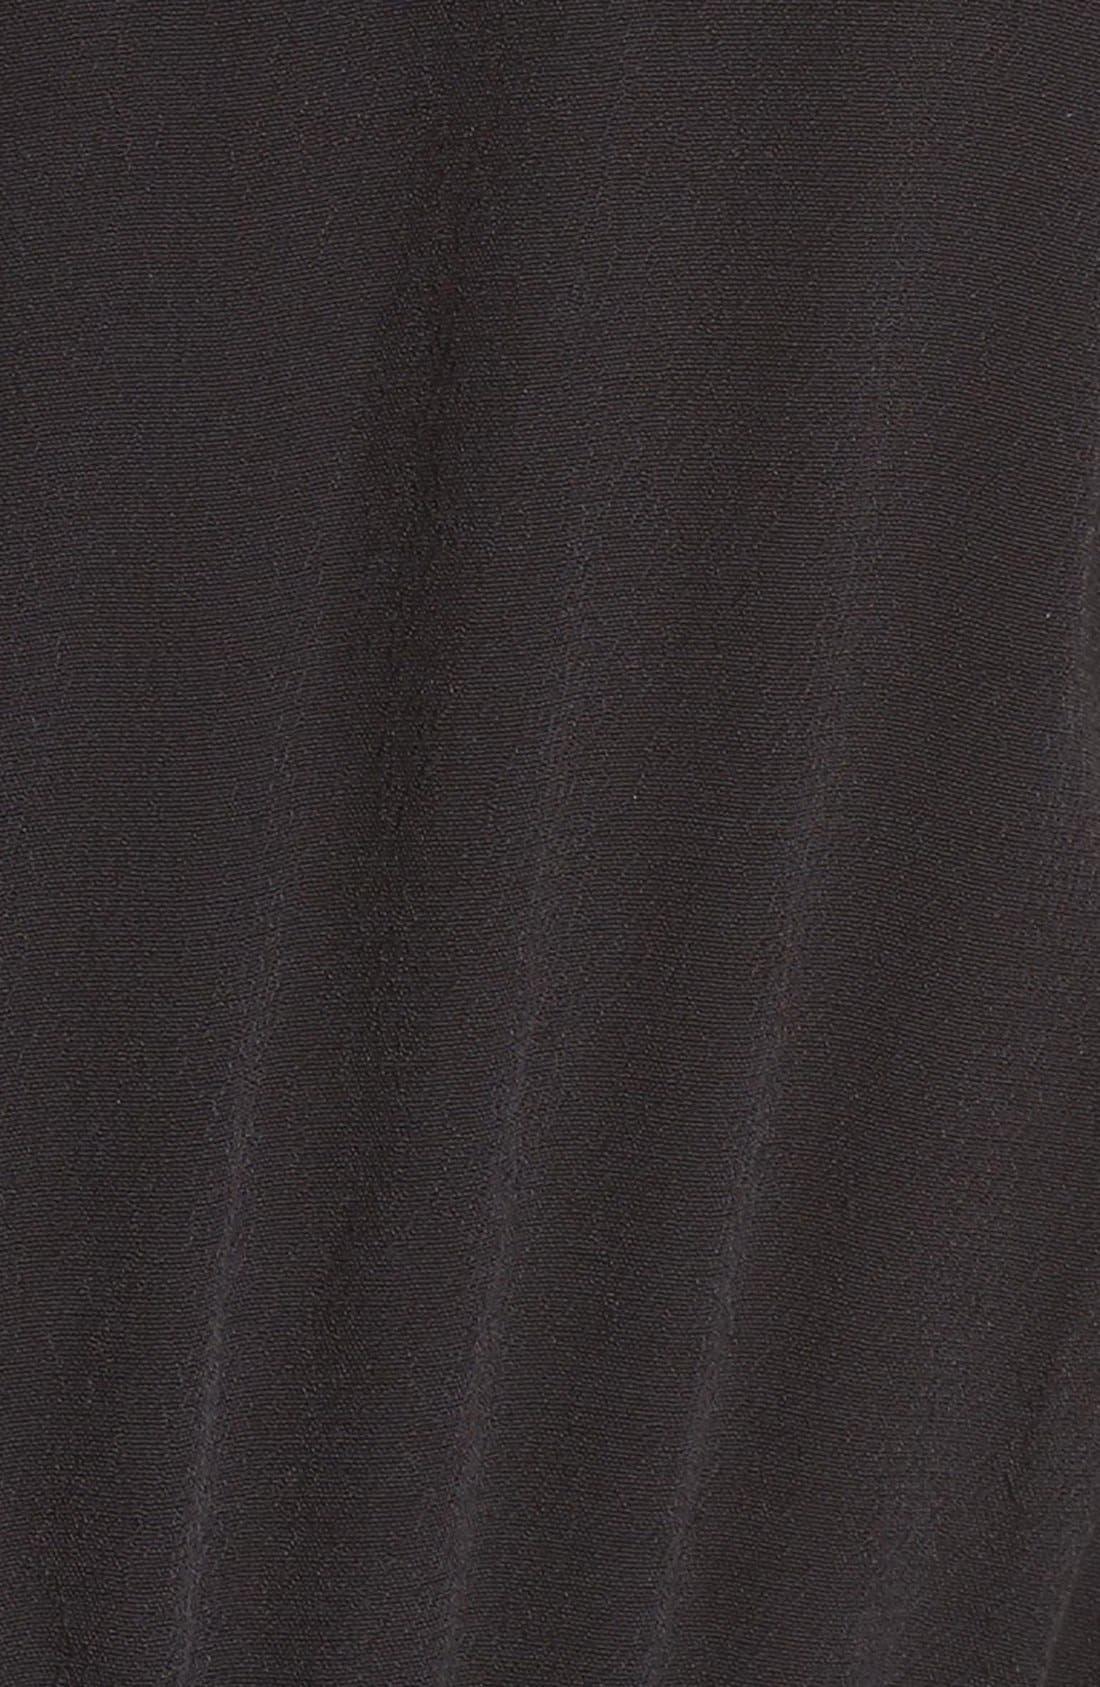 Sleeveless Peplum Jumpsuit,                             Alternate thumbnail 6, color,                             001